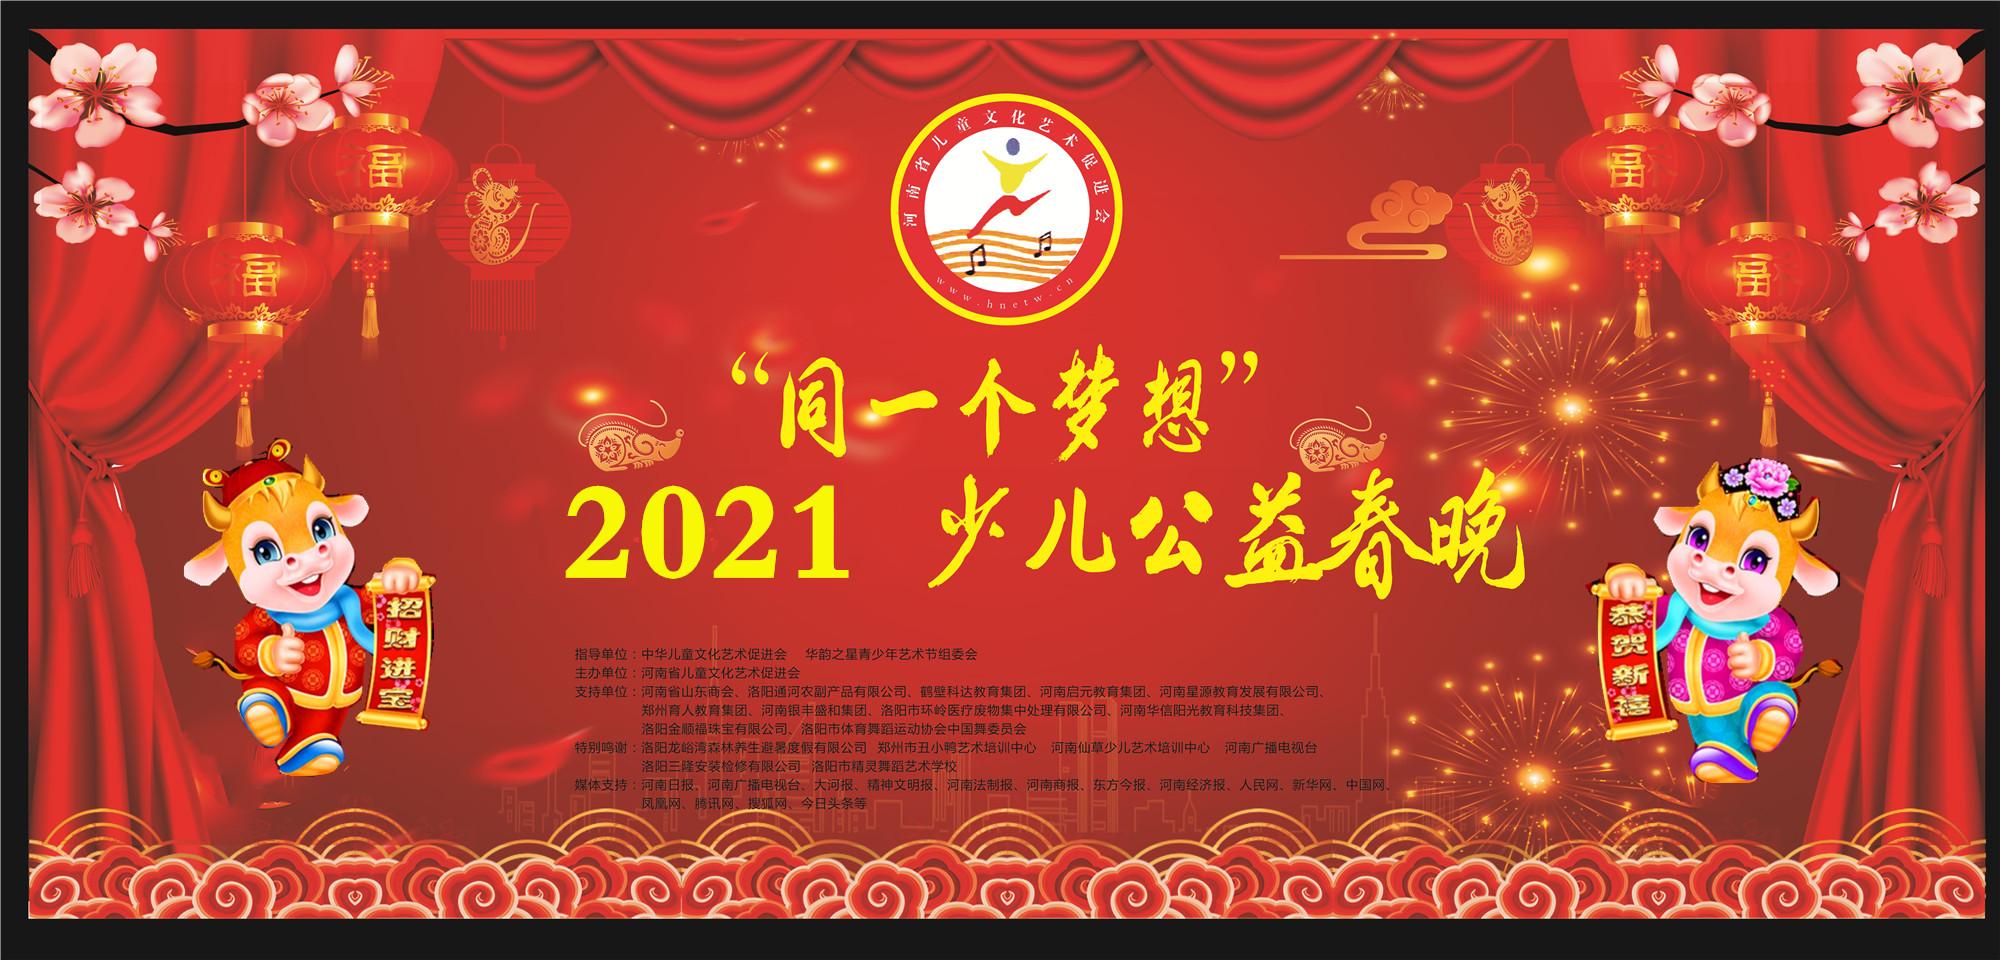 微信图片_20200106143754_副本_副本.jpg